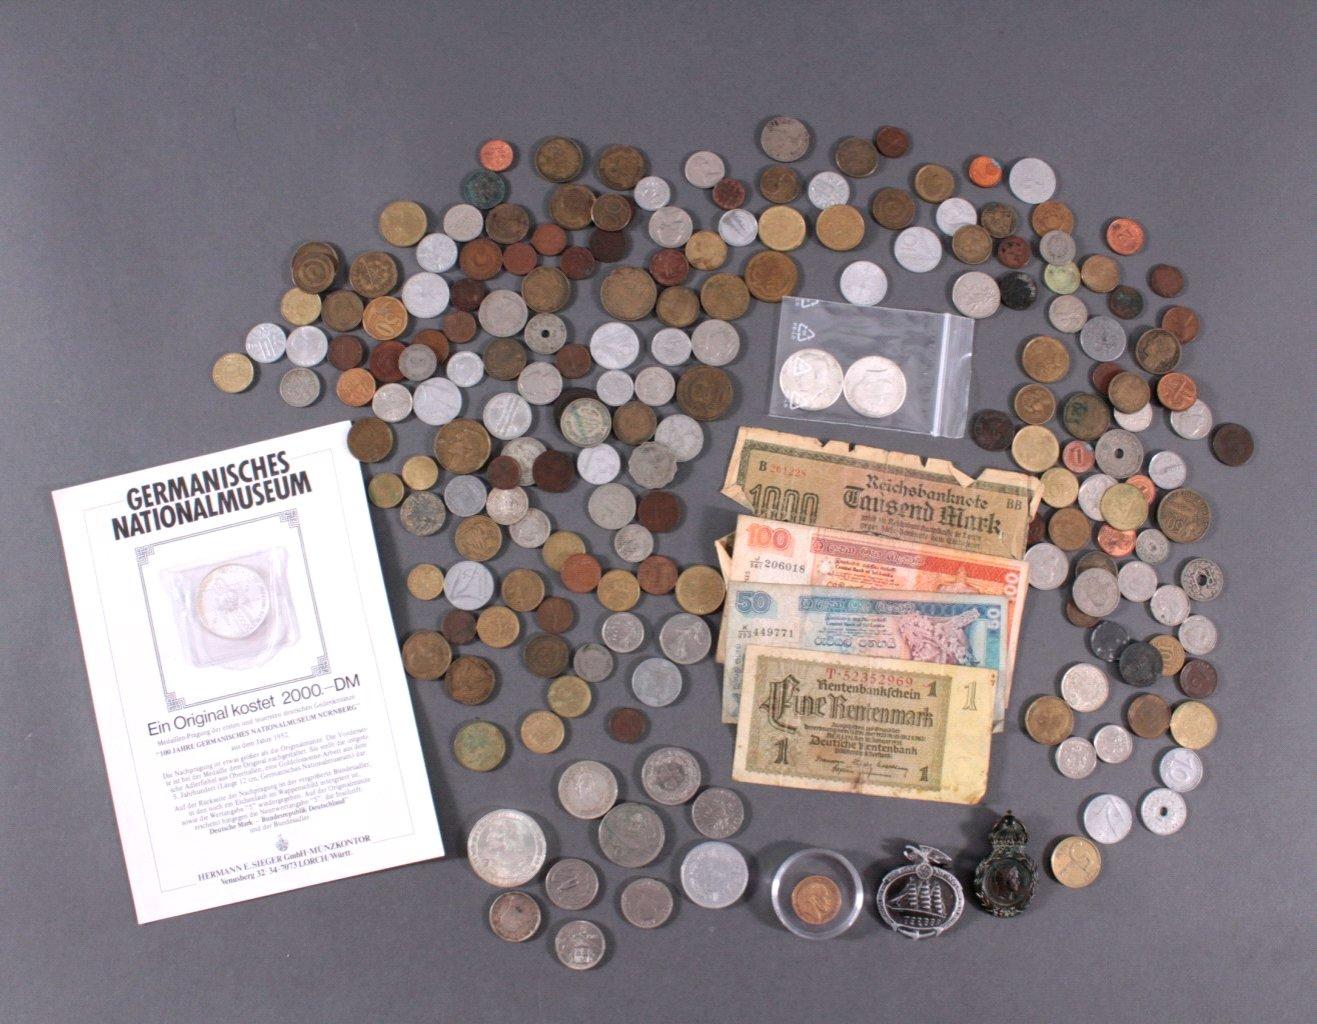 Konvolut Münzen Alle Welt mit 20 Mark Goldmünze von 1873